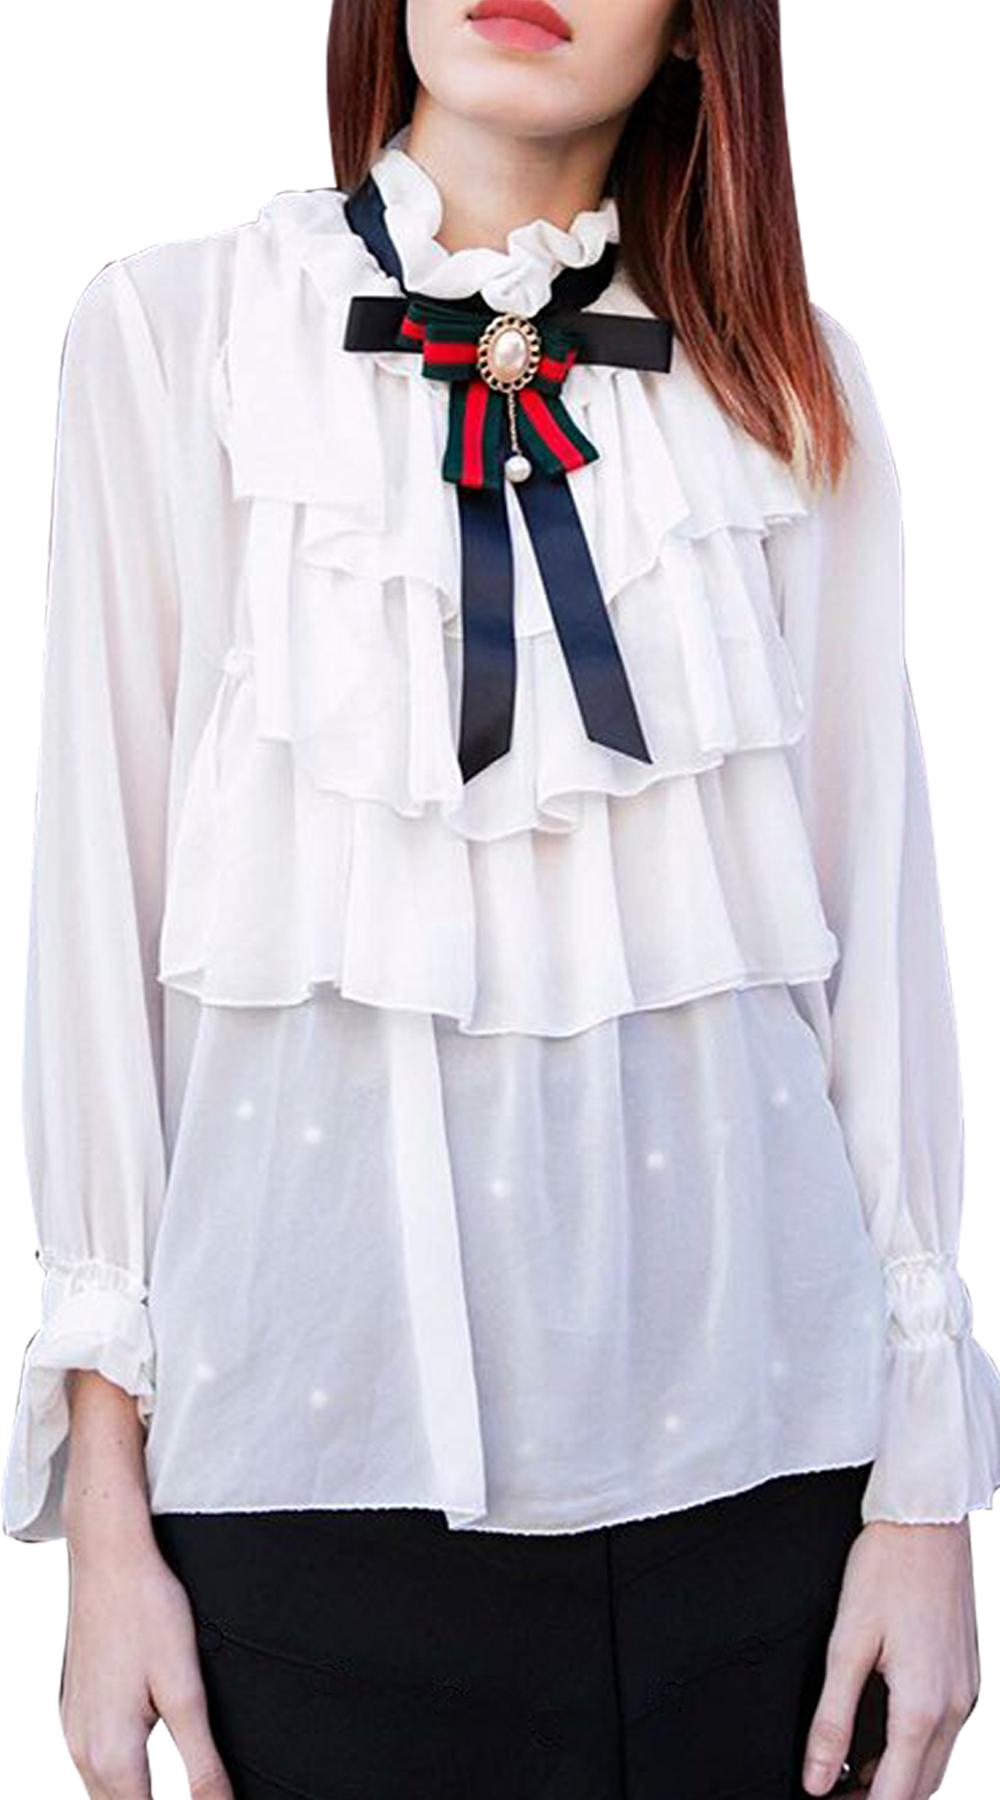 Γυναικείο πουκάμισο office look Vintage Ribbon - OEM - W18JB-1883992 top trends office look